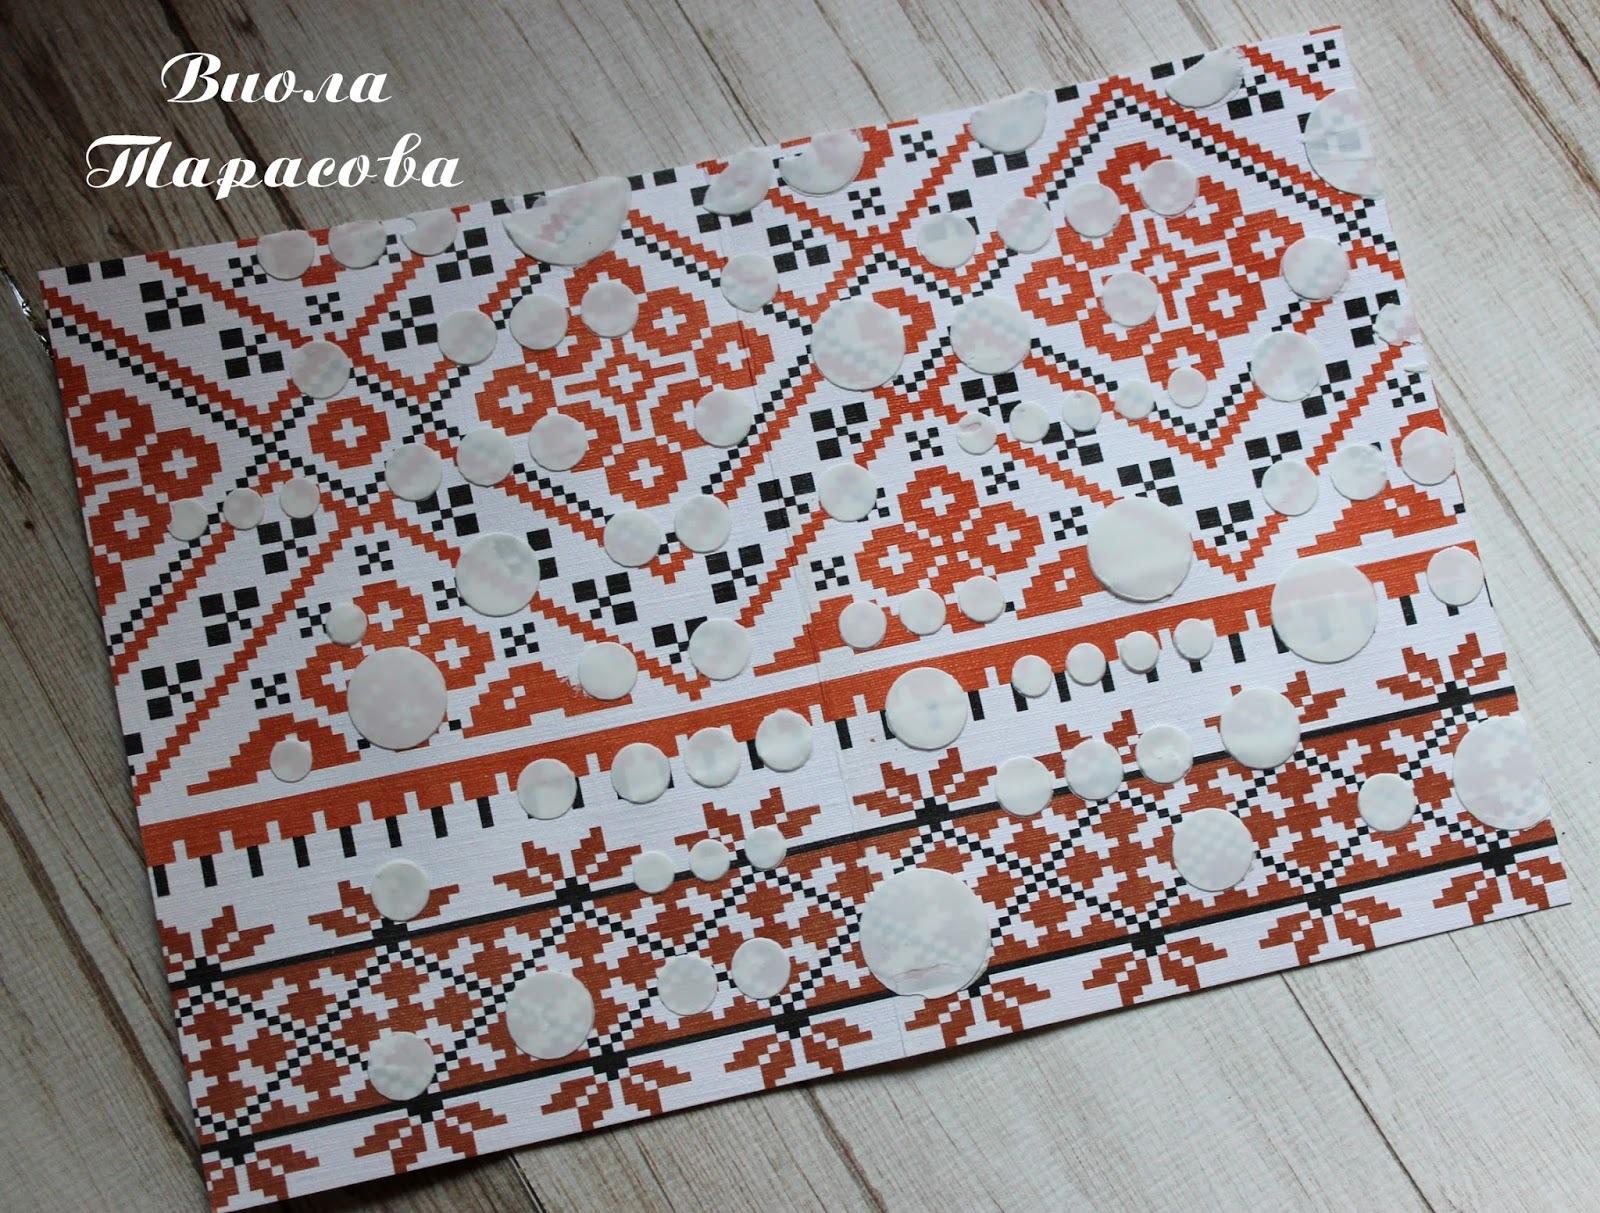 Украинский стиль открытки, рамки